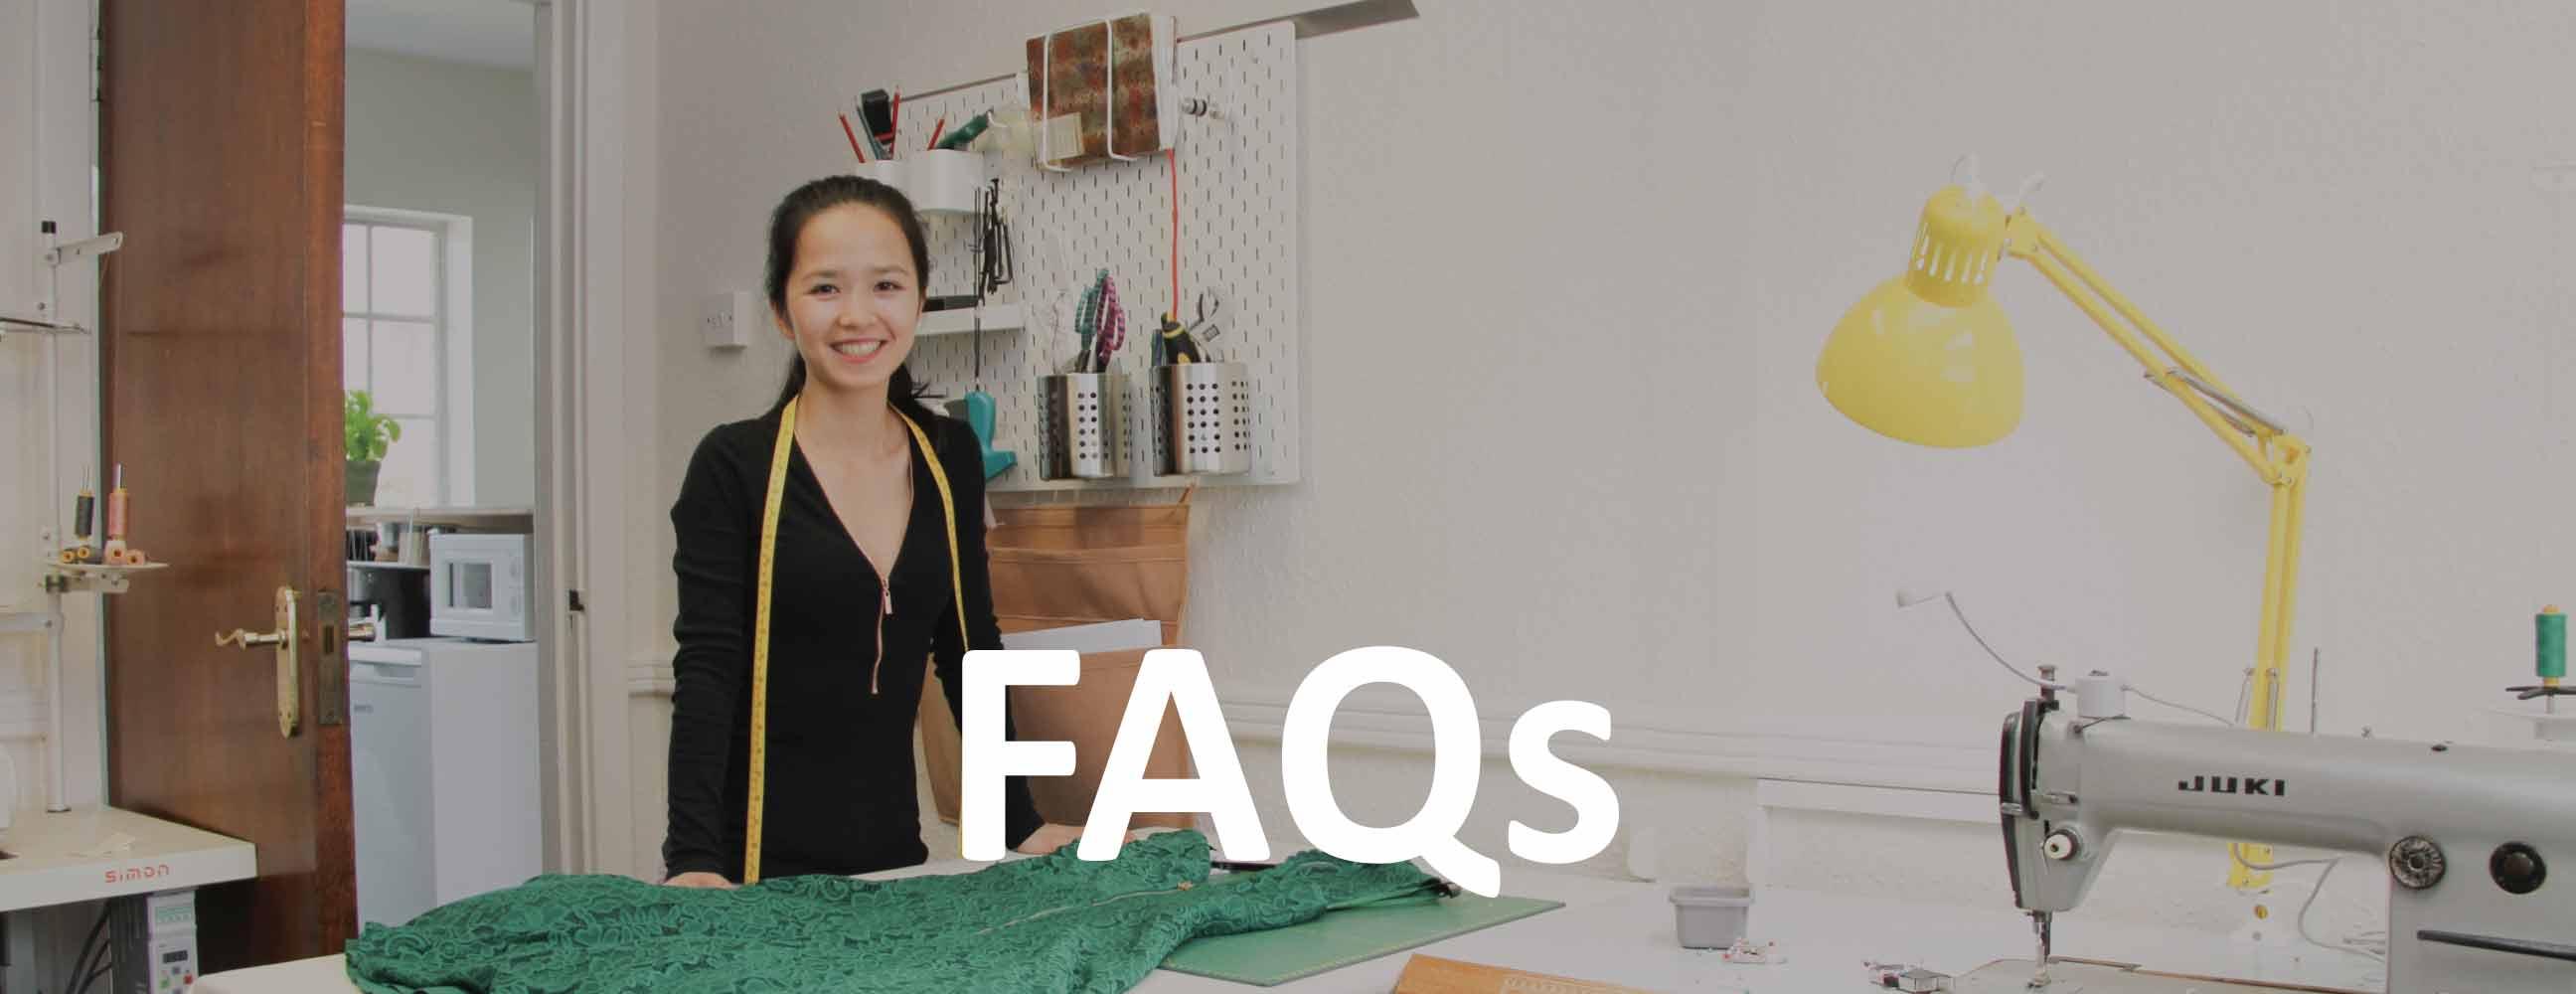 FAQs-Any-Alterations